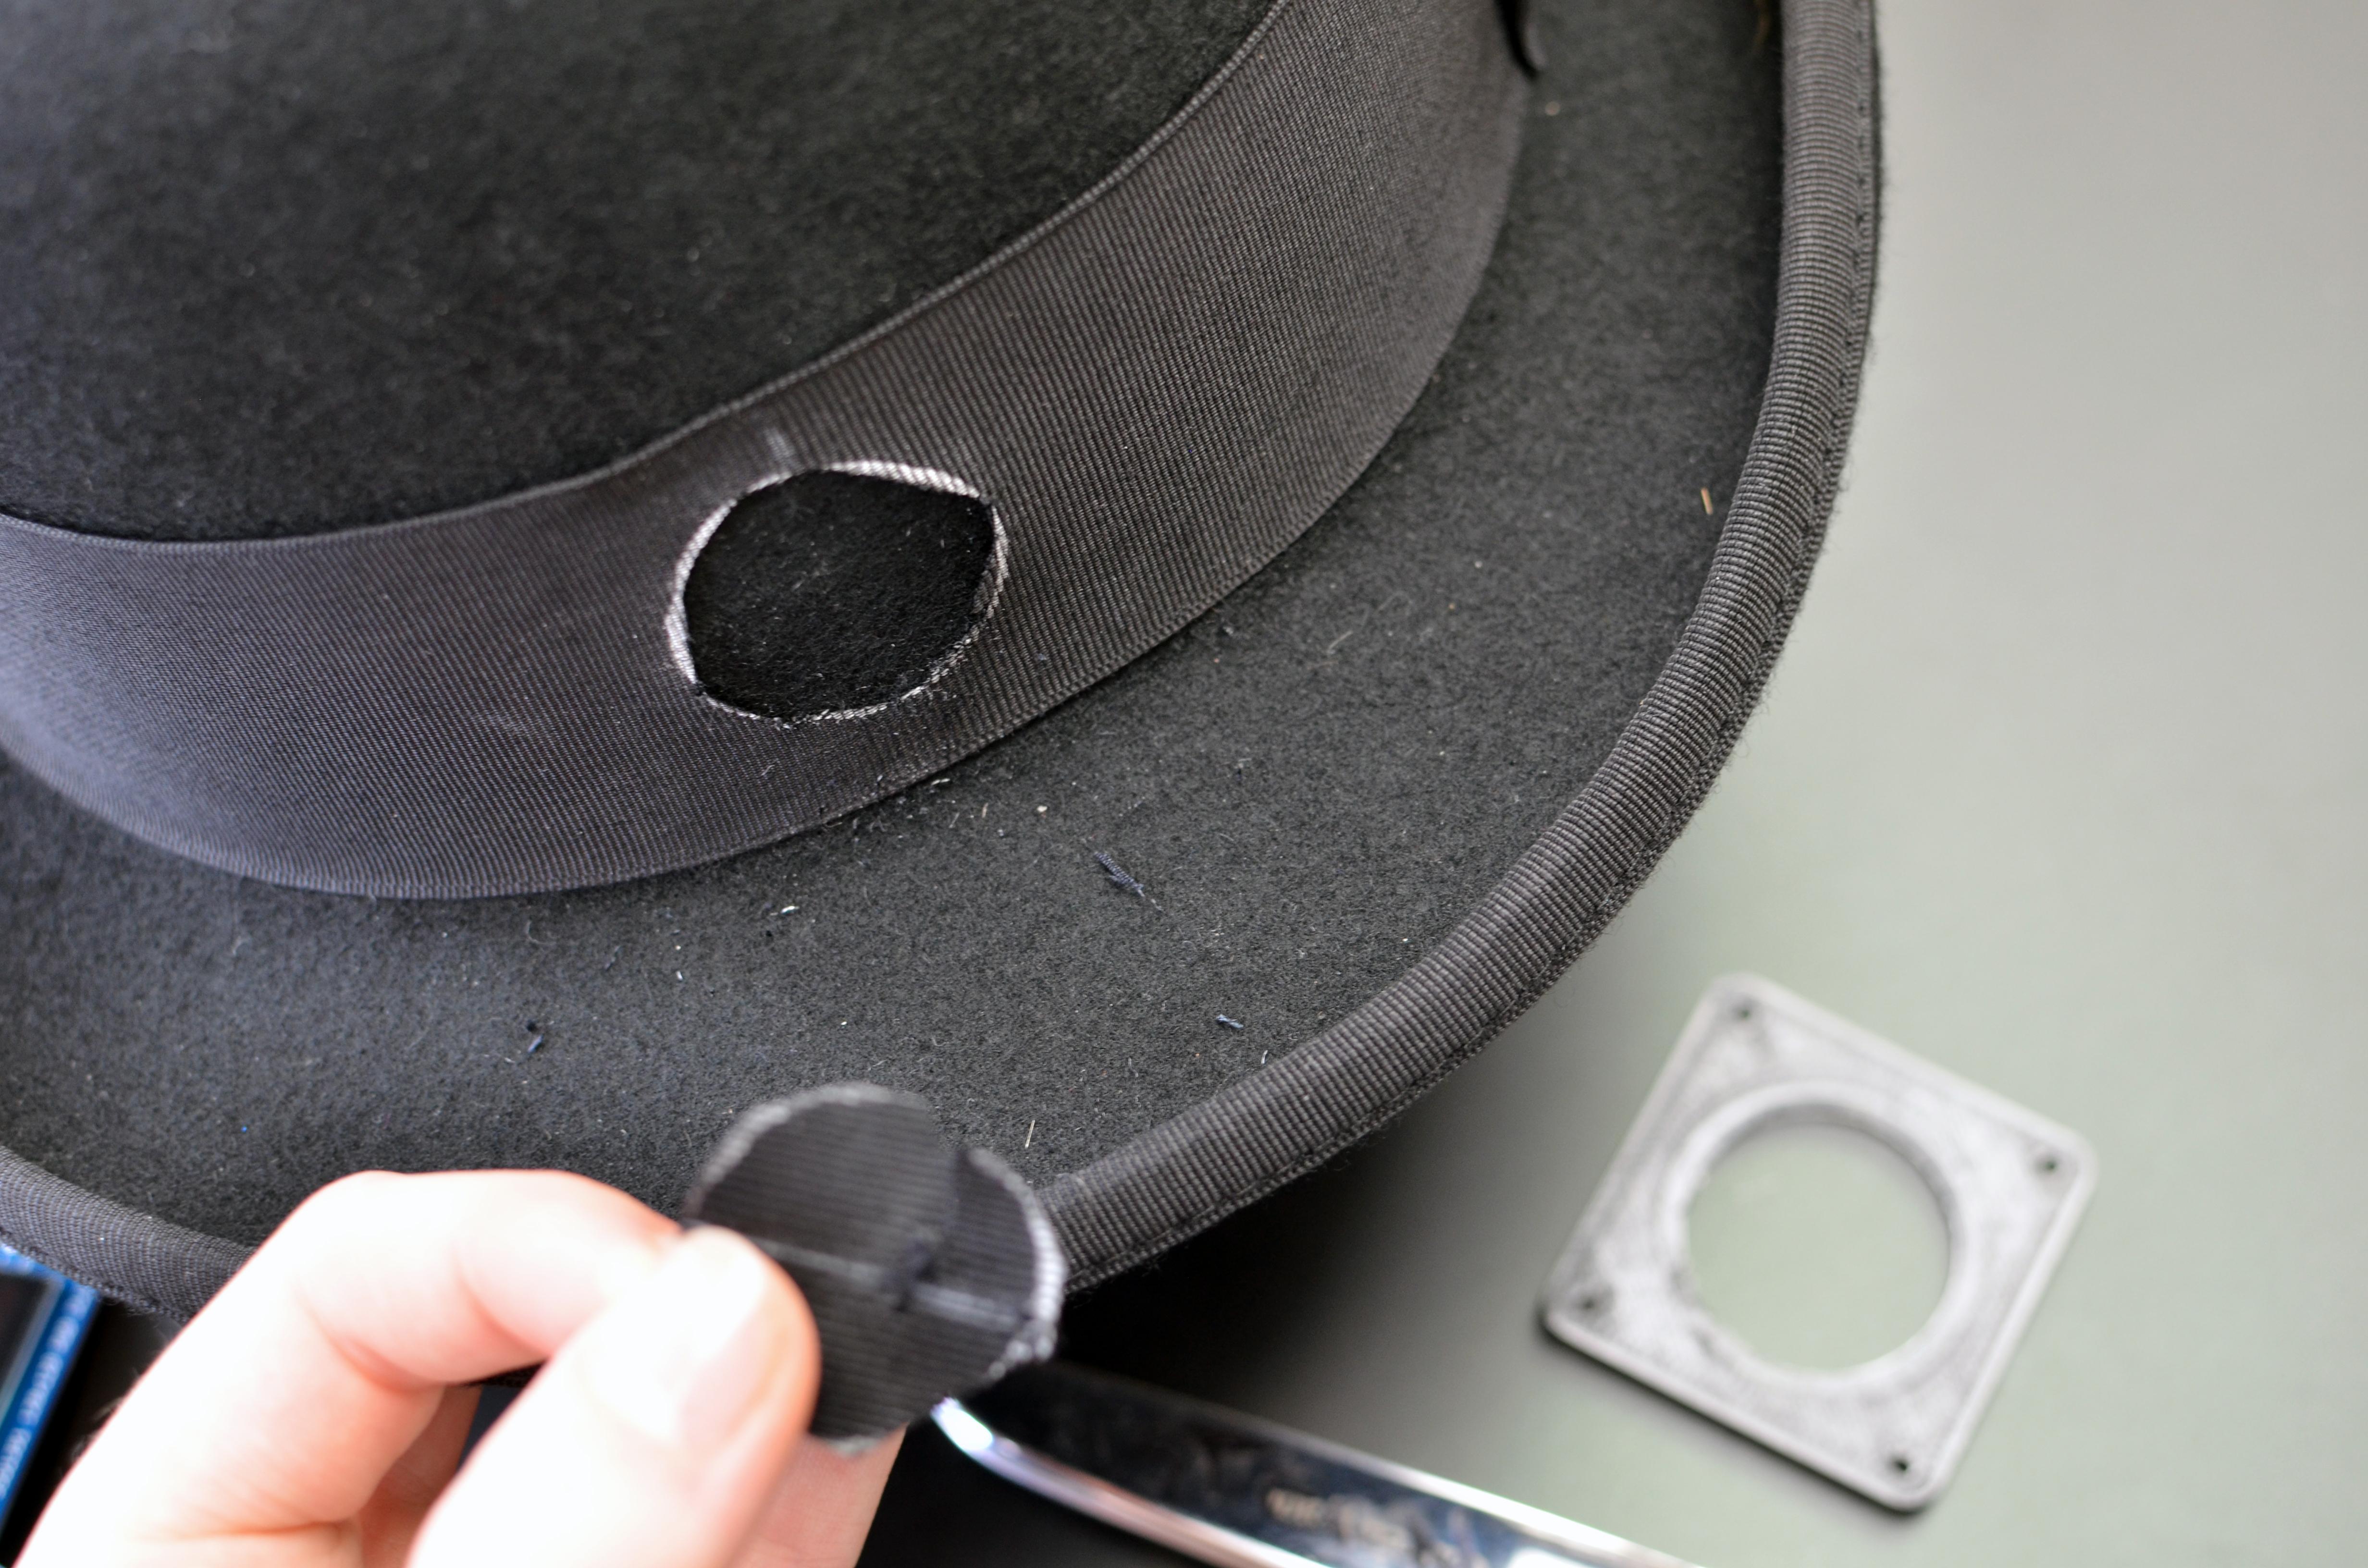 light_eyeball-bowler-hat-08.jpg